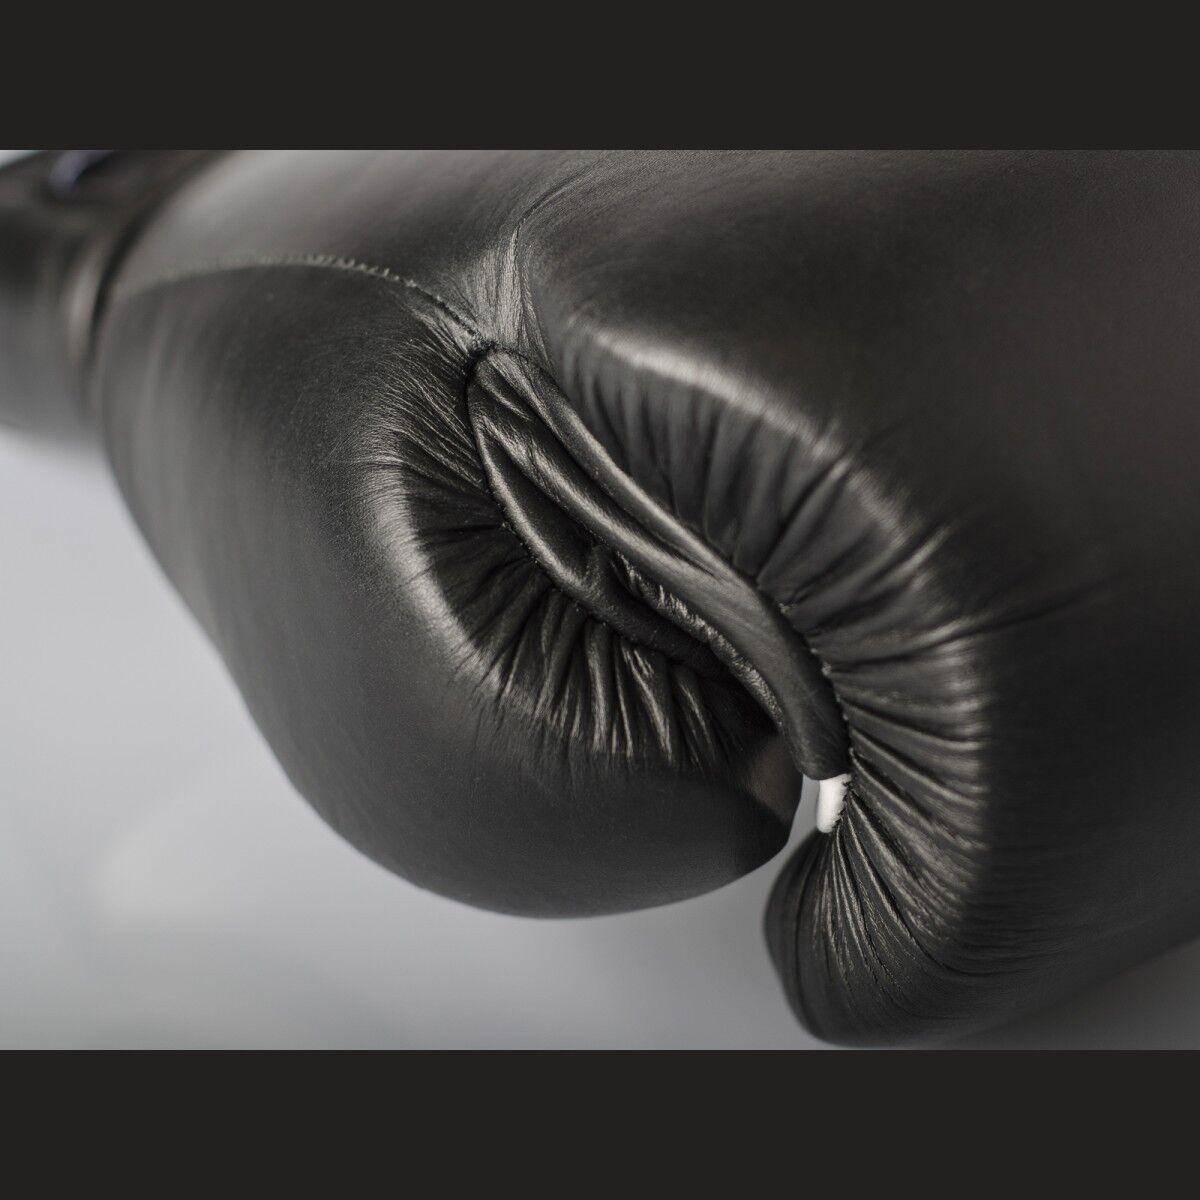 Pro Leder.Muay Klett Profi Sparrings Handschuhe von Paffen Sport Leder.Muay Pro Thai Boxen, K1, c37126